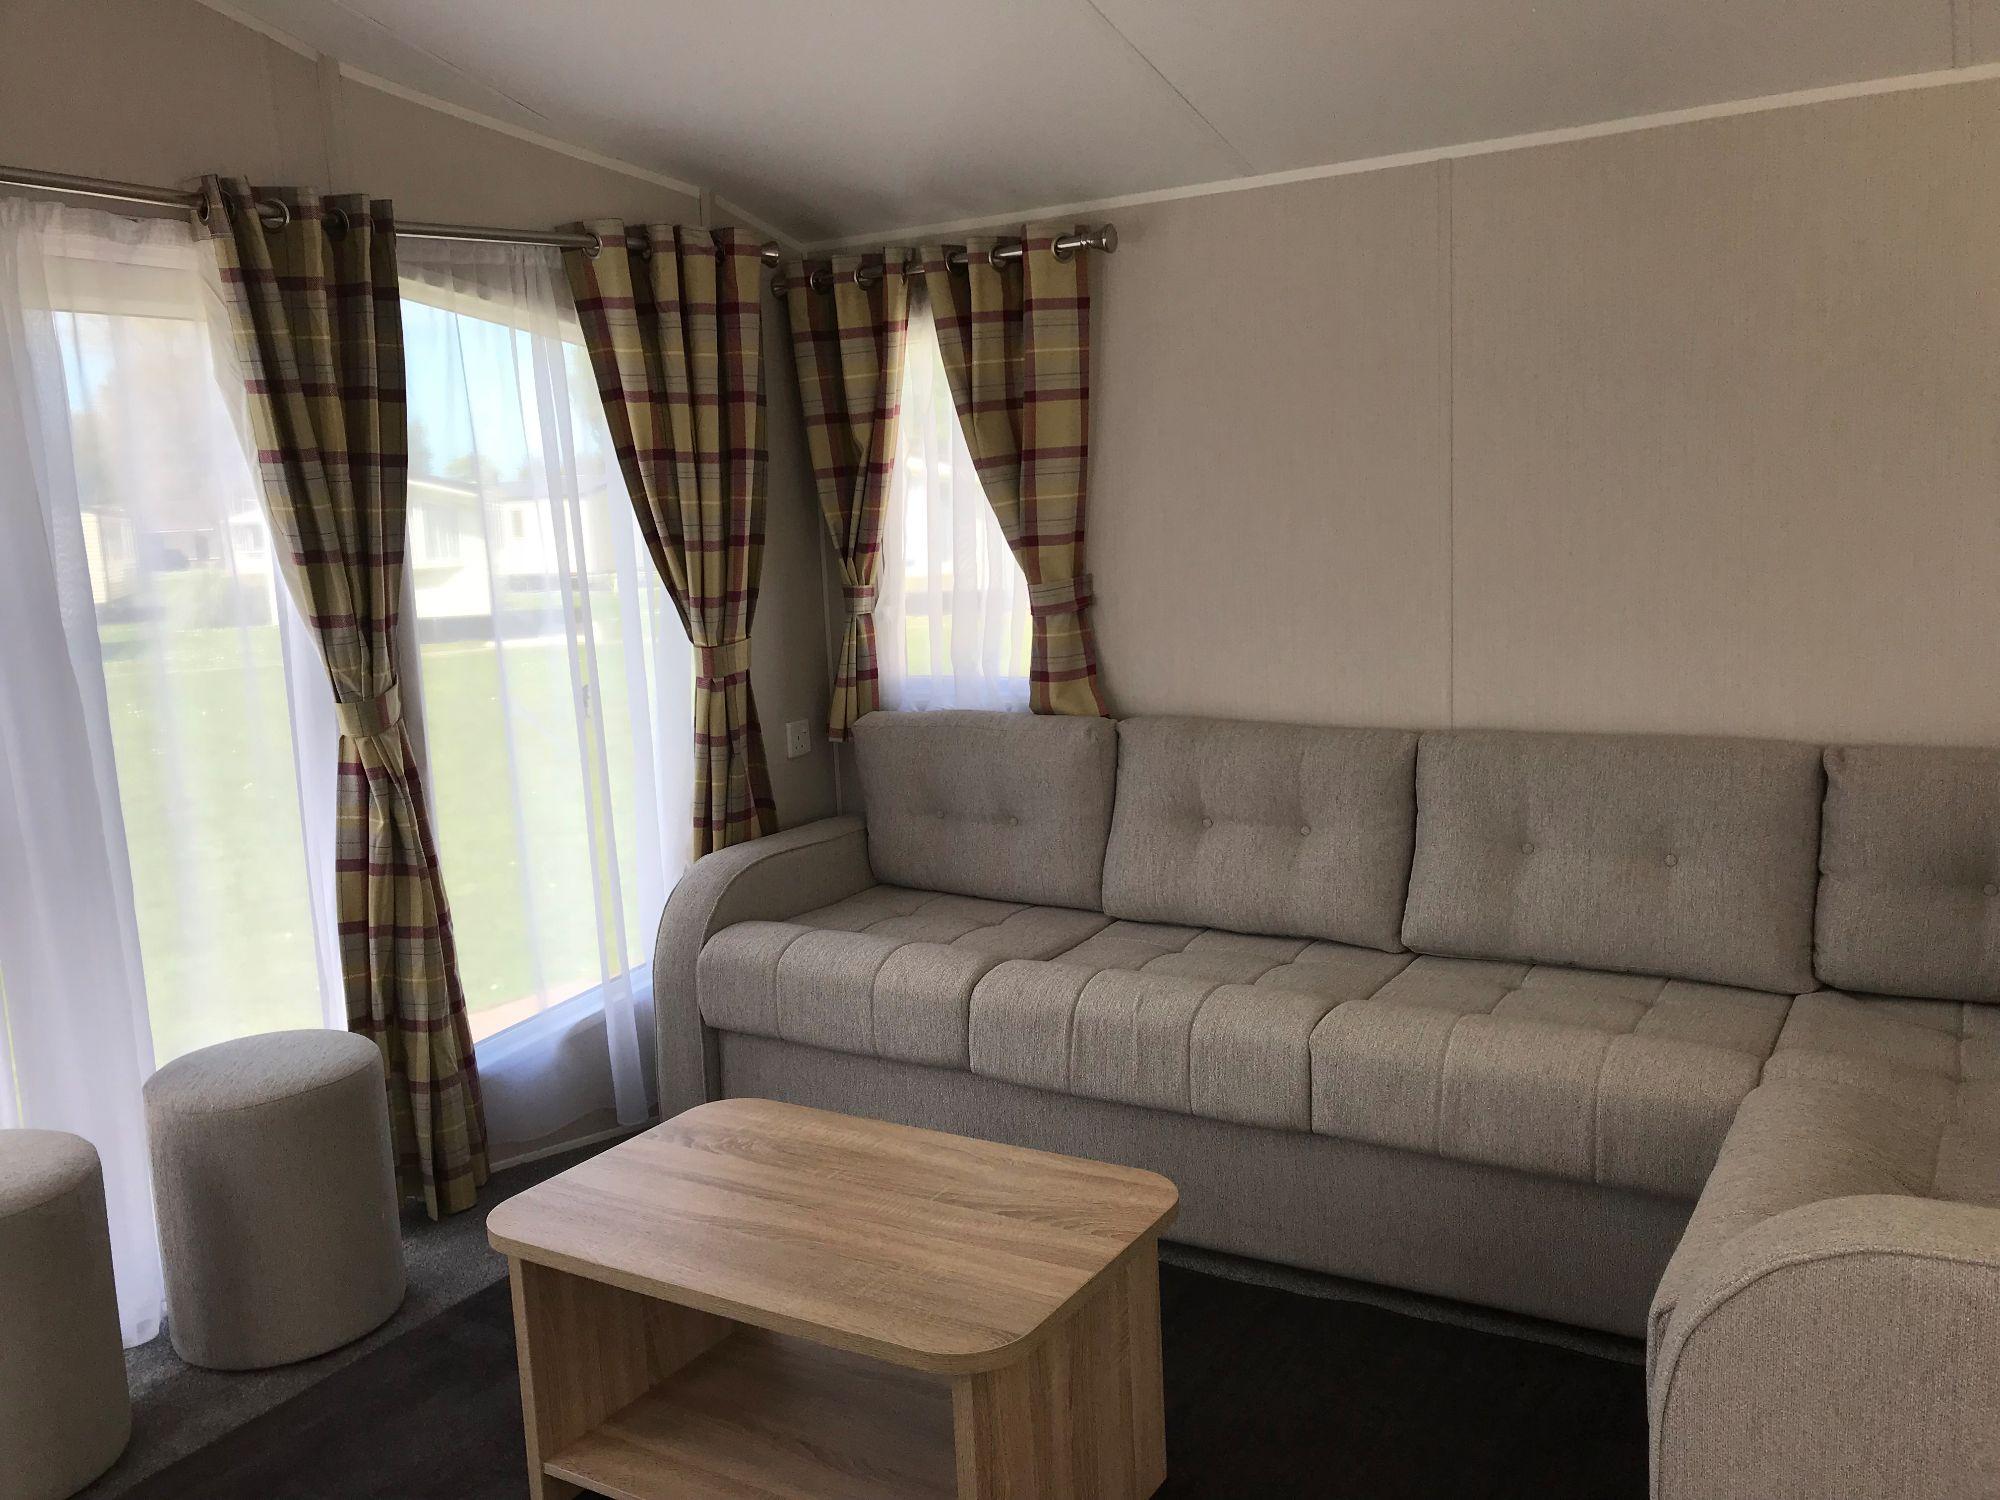 3 bedroom 6 berth Sierra Caravan Minehead